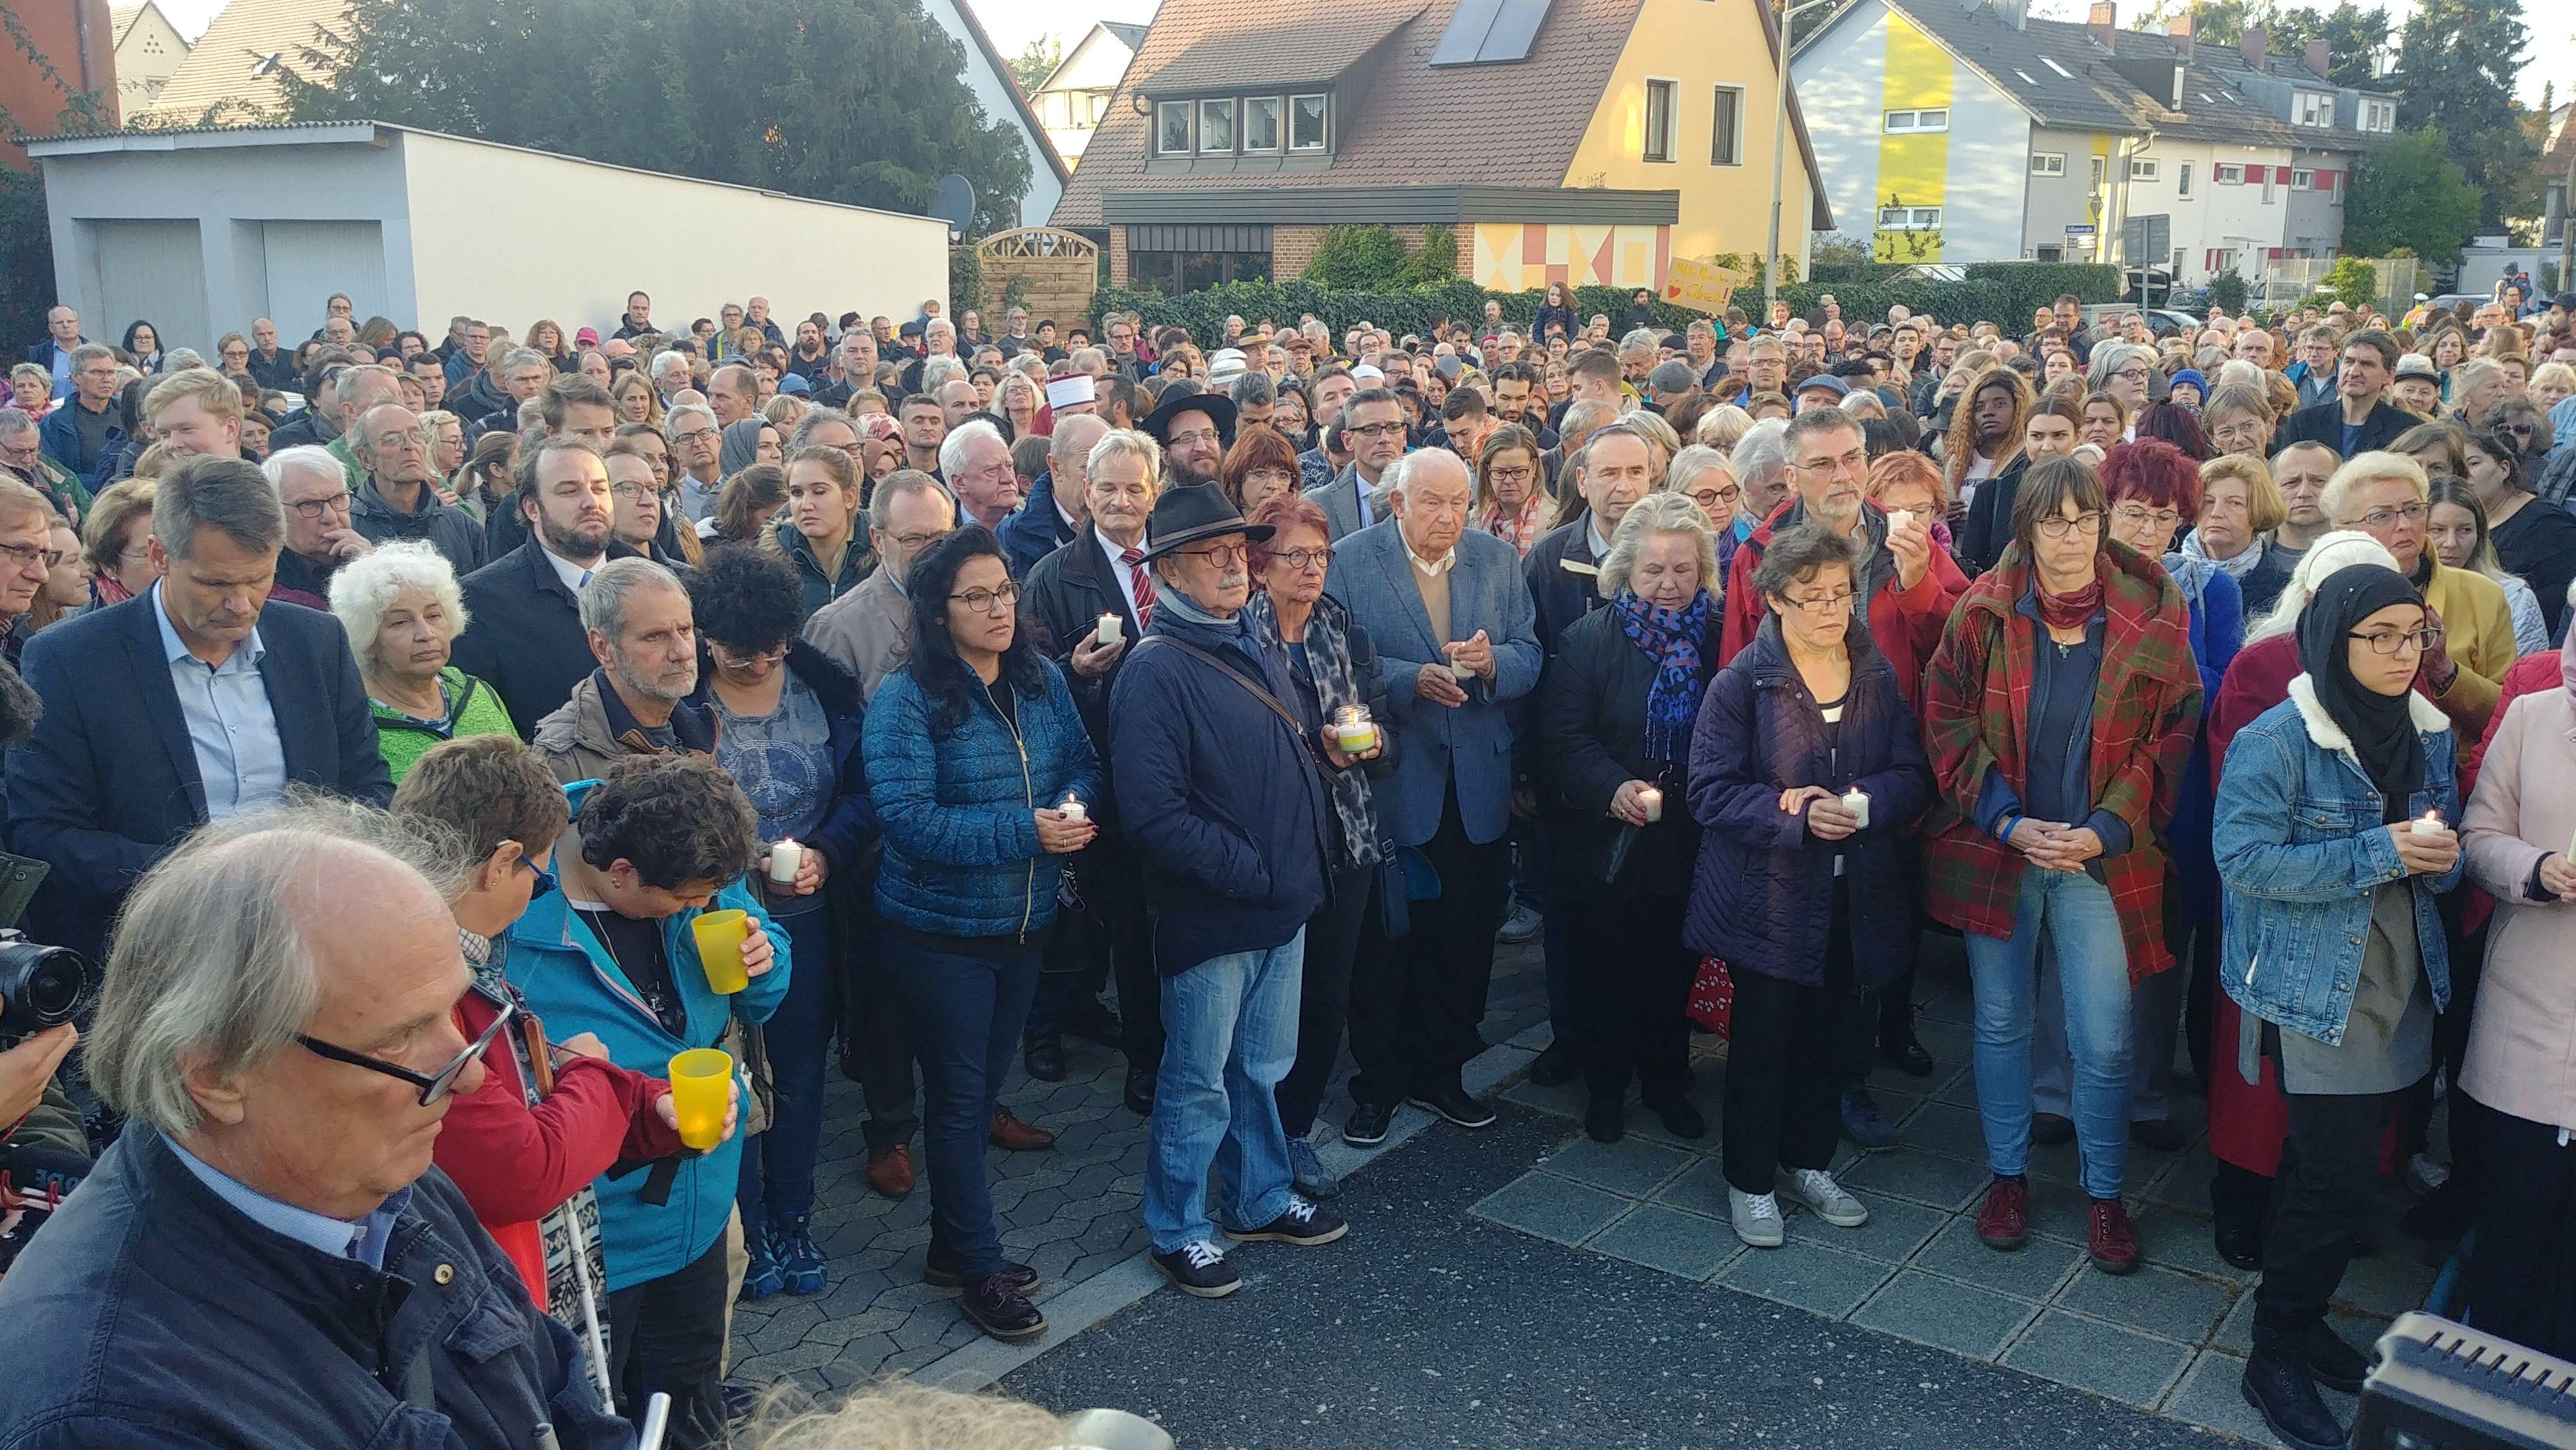 Über 1000 Menschen sind versammelt, um ein Zeichen gegen Antisemitismus zu setzen.